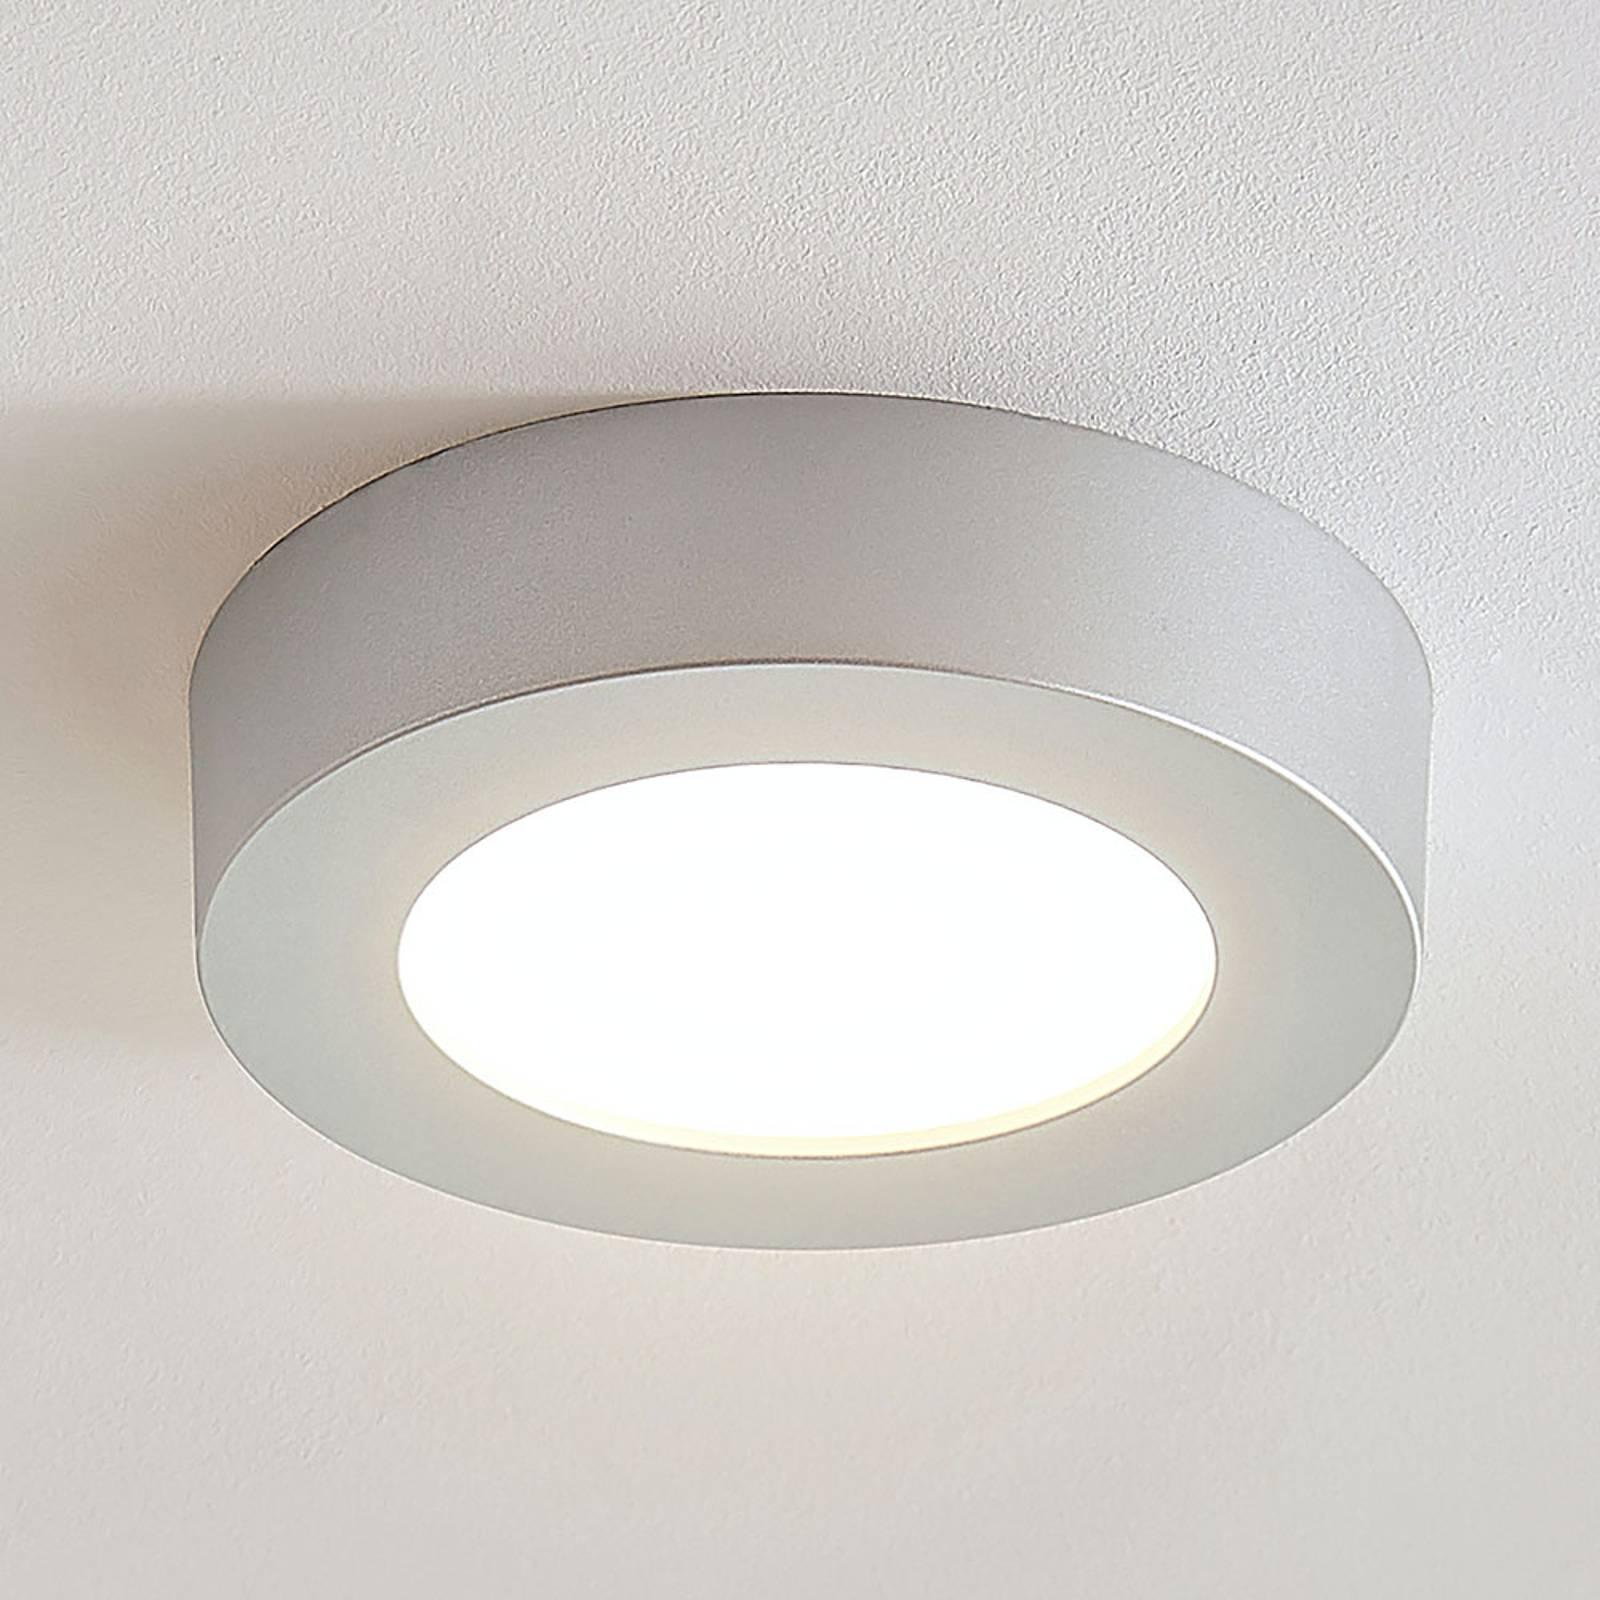 LED-kattovalo Marlo hopea 3 000 K pyöreä 18,2 cm